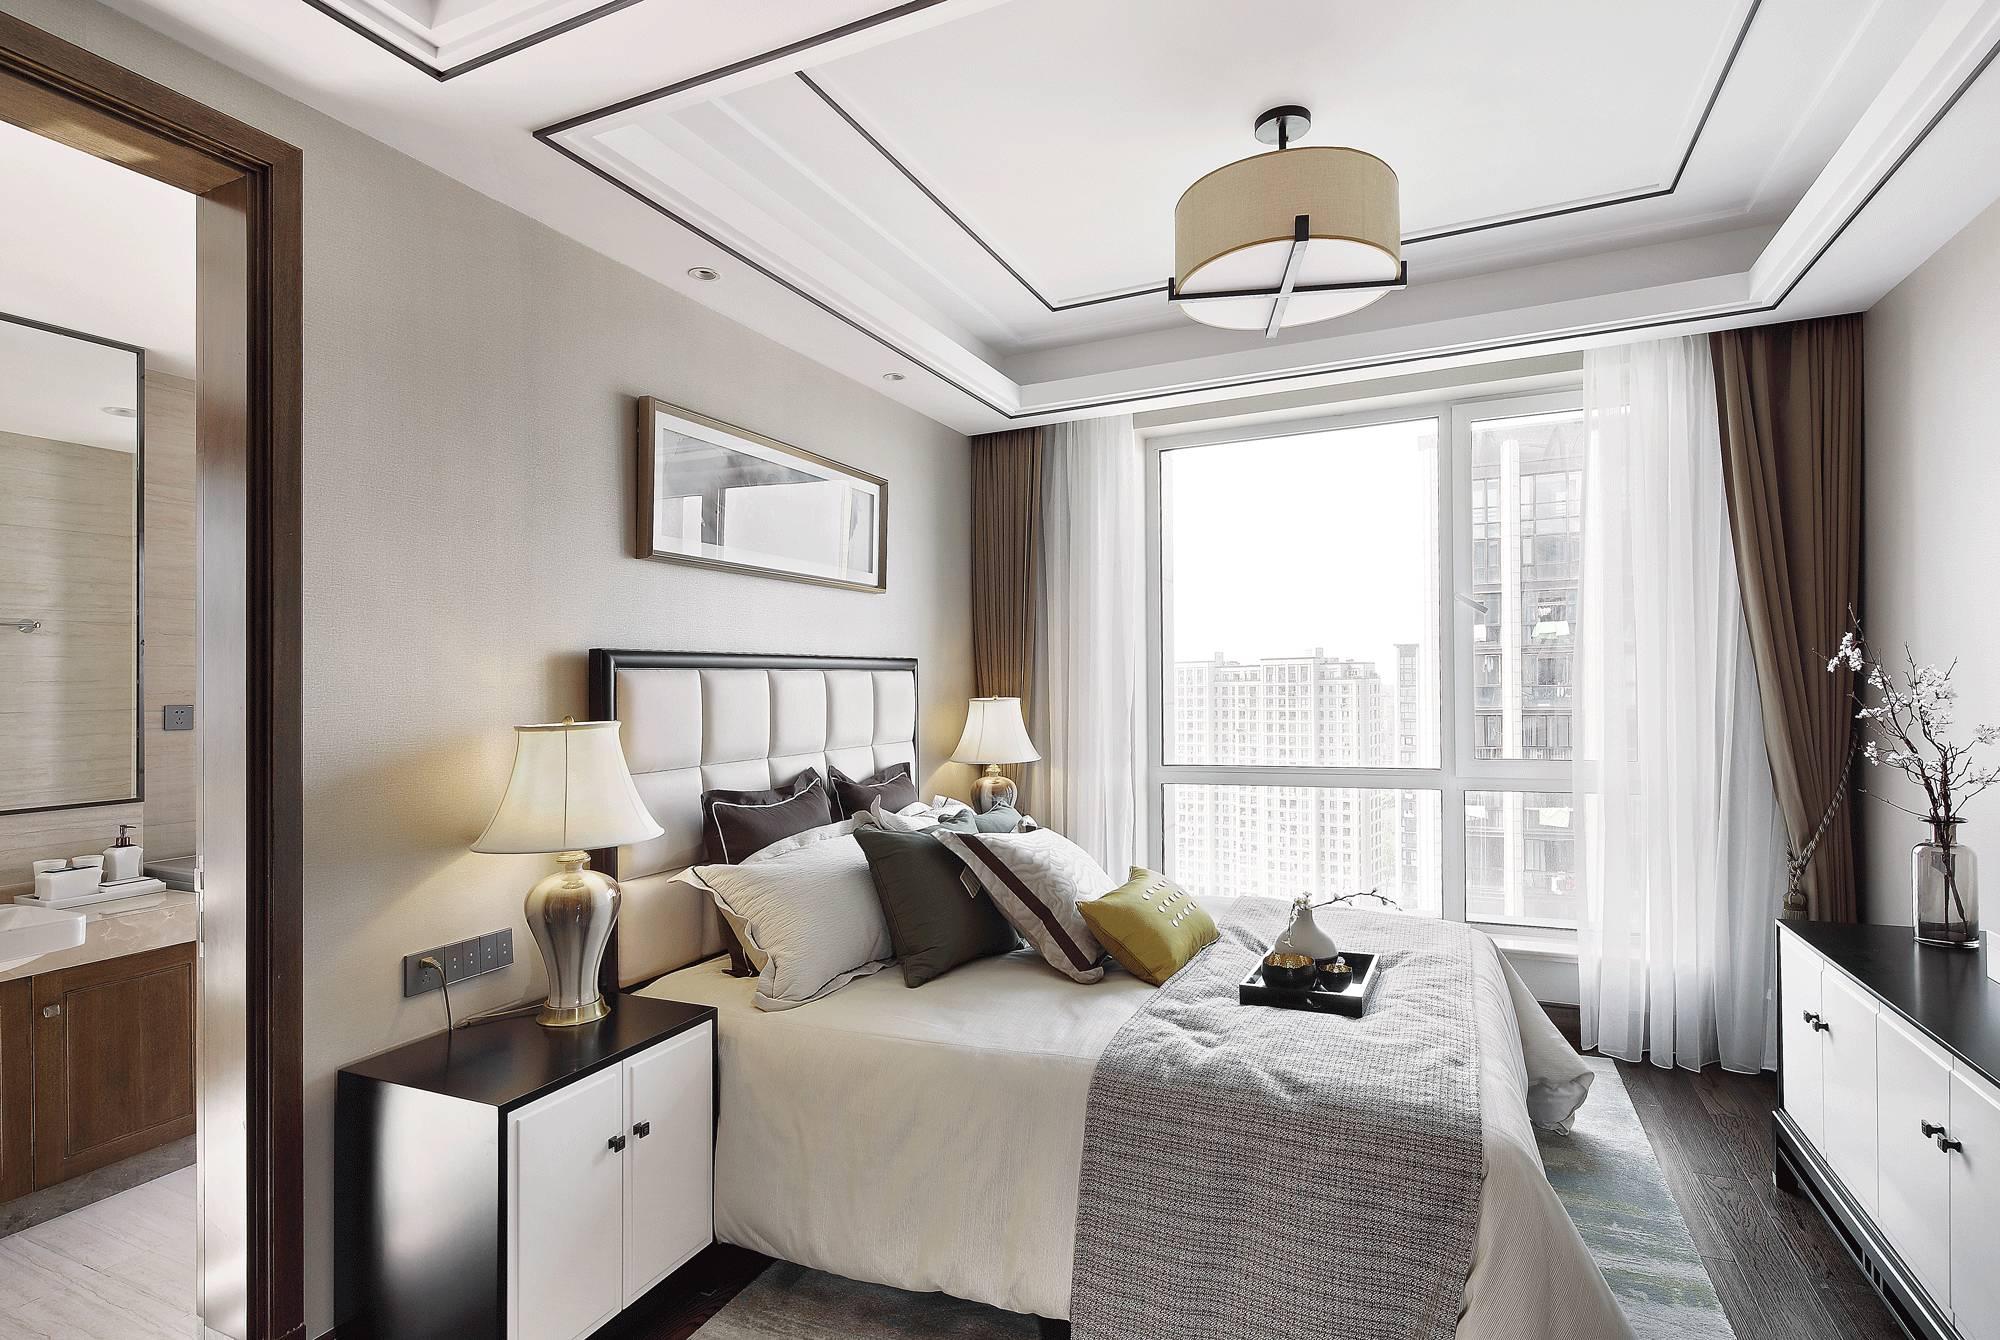 卧室的背景由深色的木饰面装饰衬以水墨背景墙